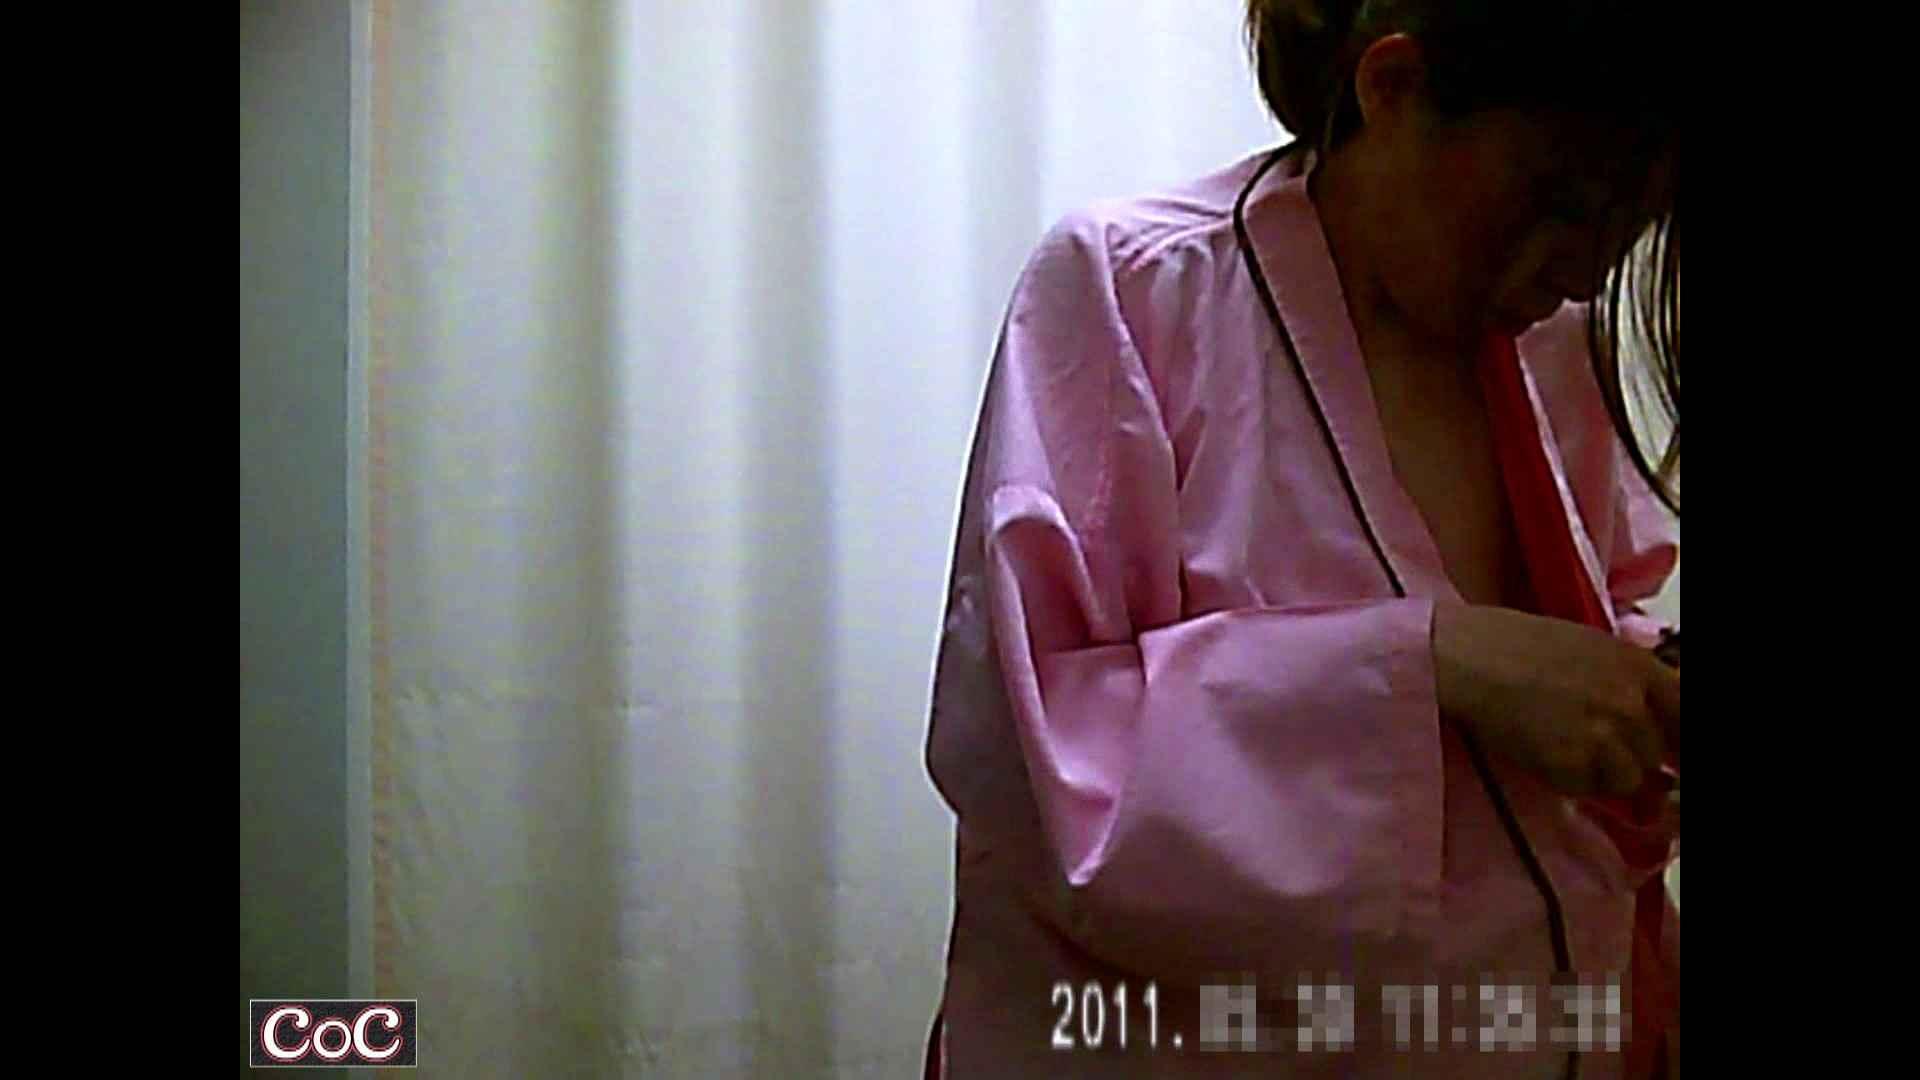 病院おもいっきり着替え! vol.01 盗撮 | おっぱい  65画像 29